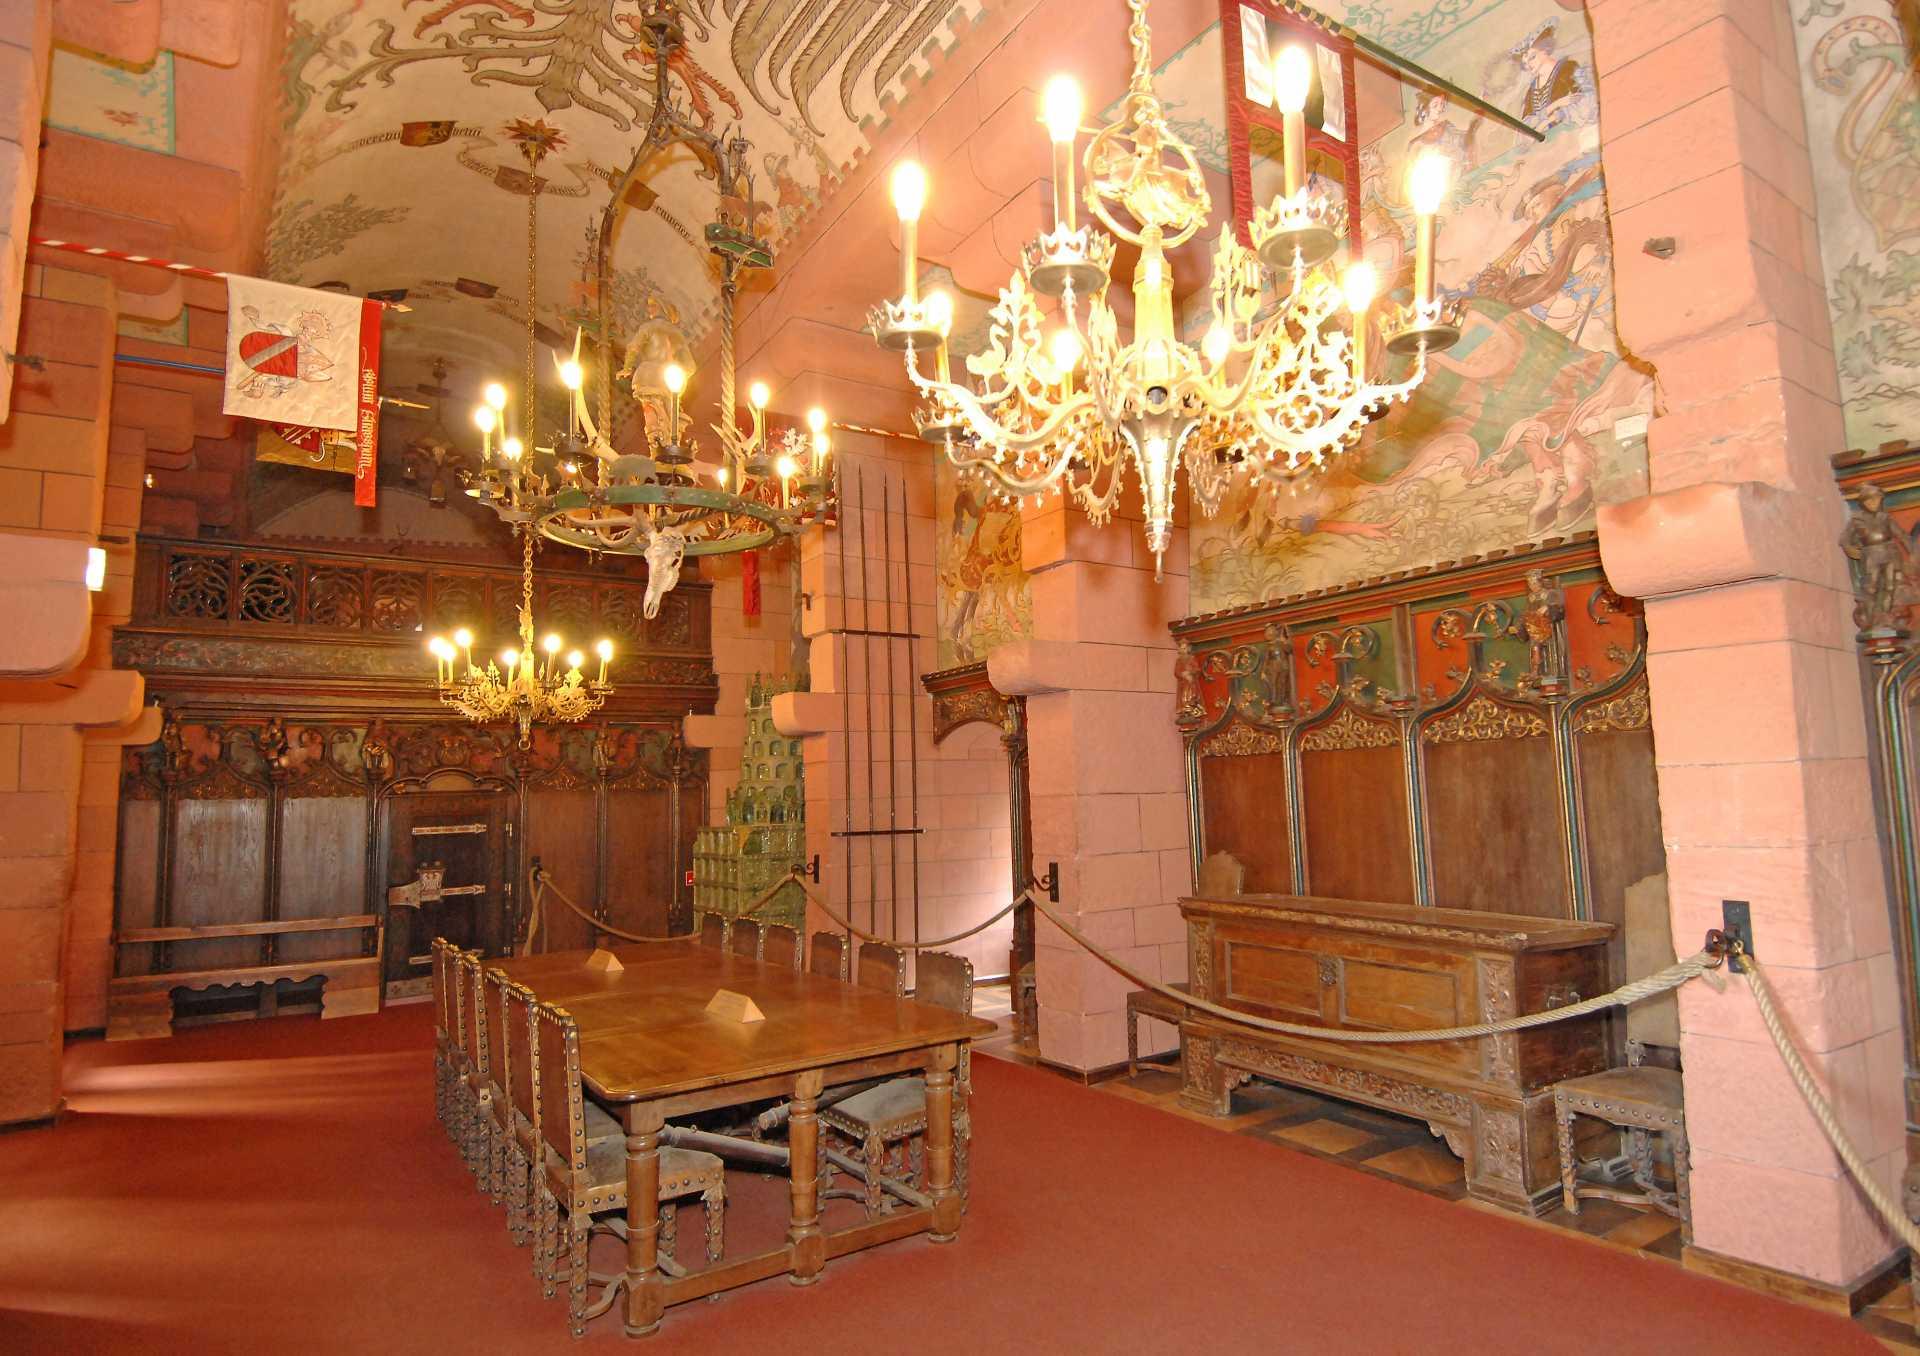 France - Alsace - Haut Koenigsbourg - La Salle des fêtes du château, une salle « moyenâgeuse » imaginée par Guillaume II, certes amateur d'art médiévaux, mais repensée à la gloire de l'Empire allemand.